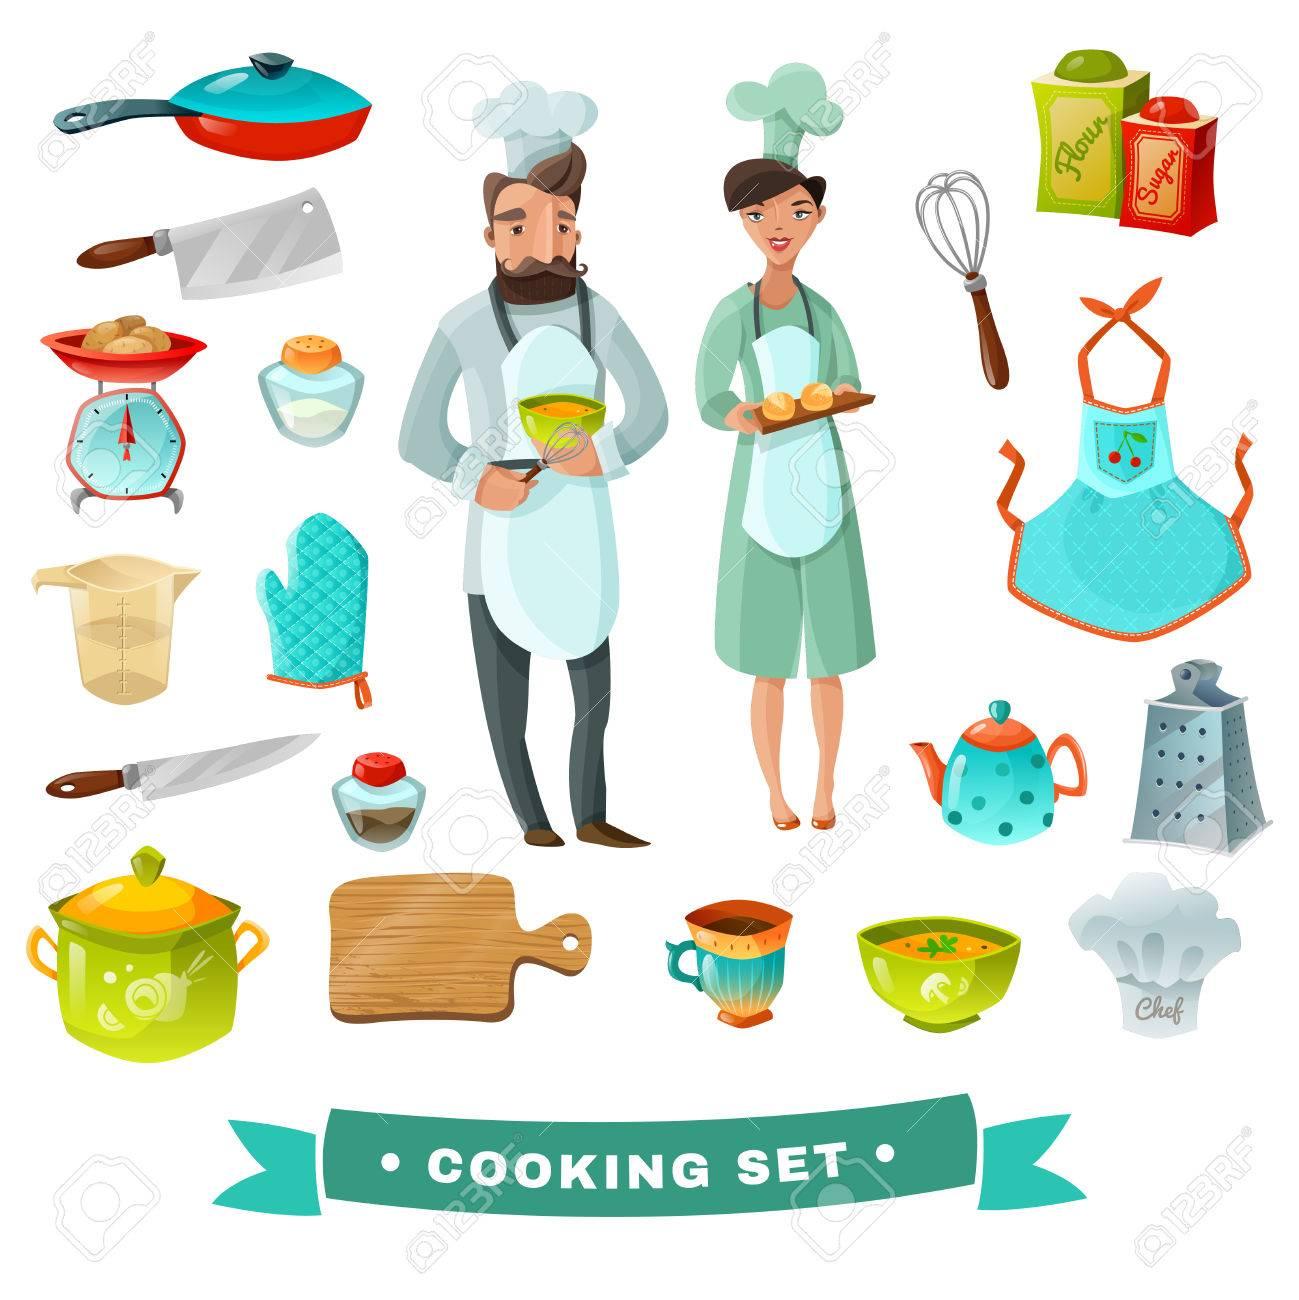 Kochen Cartoon-Set Mit Menschen Und Küchenutensilien Isoliert Vektor ...